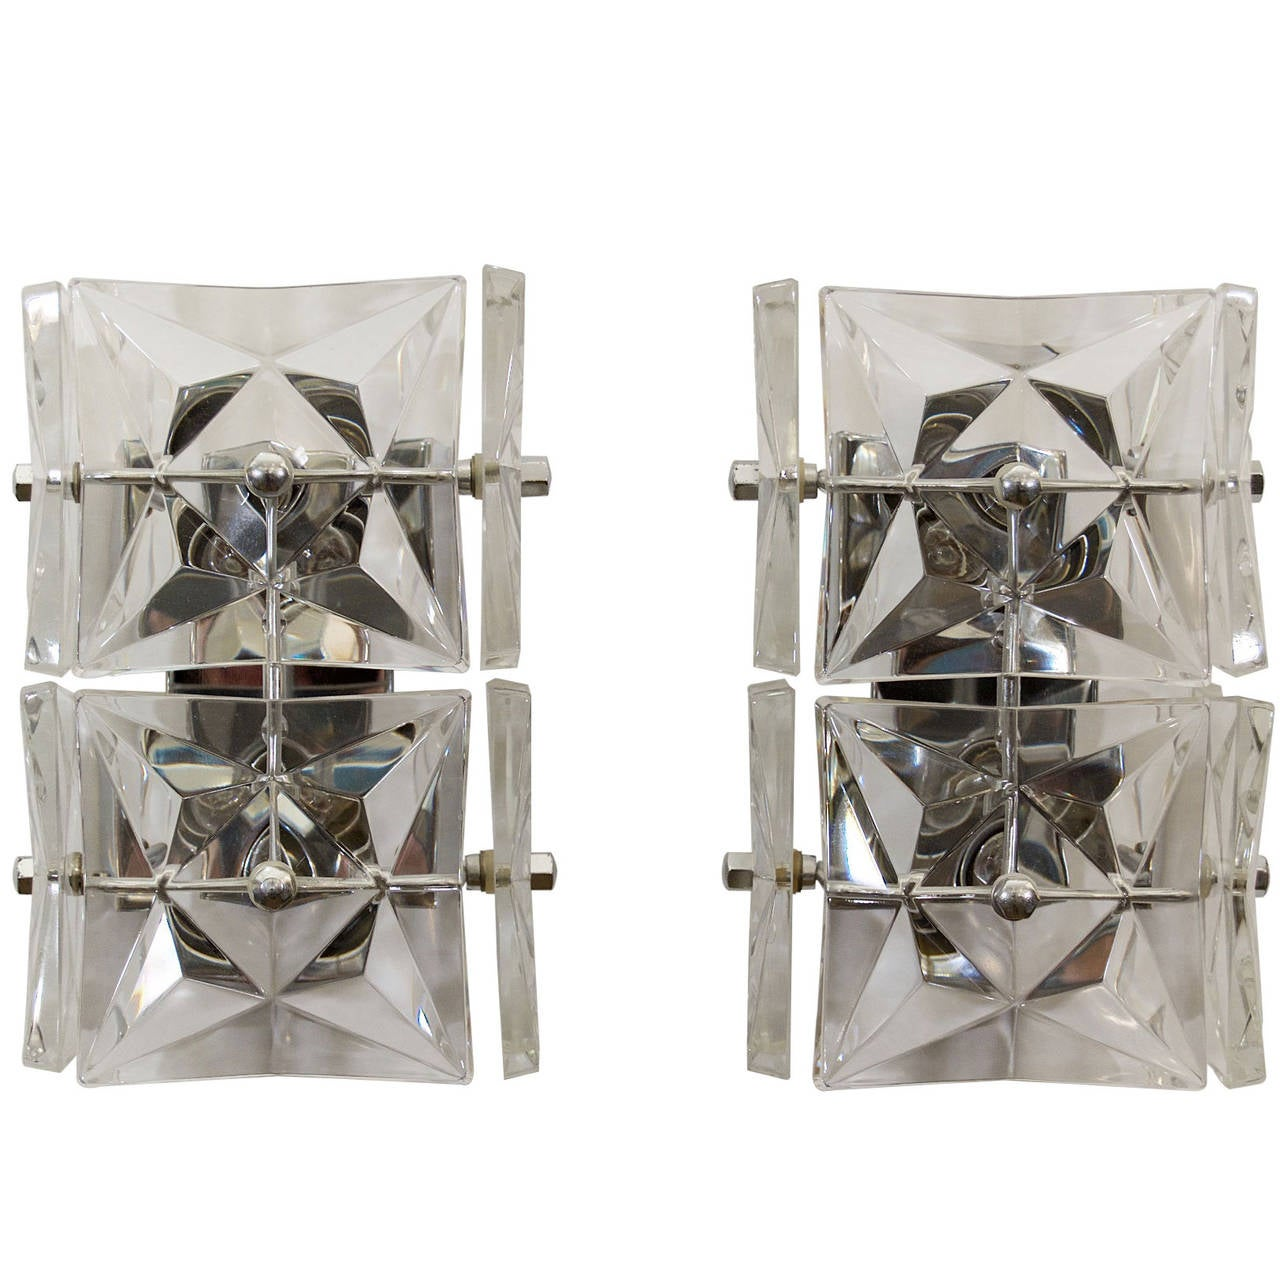 Pair of Kinkeldey Crystal Sconces